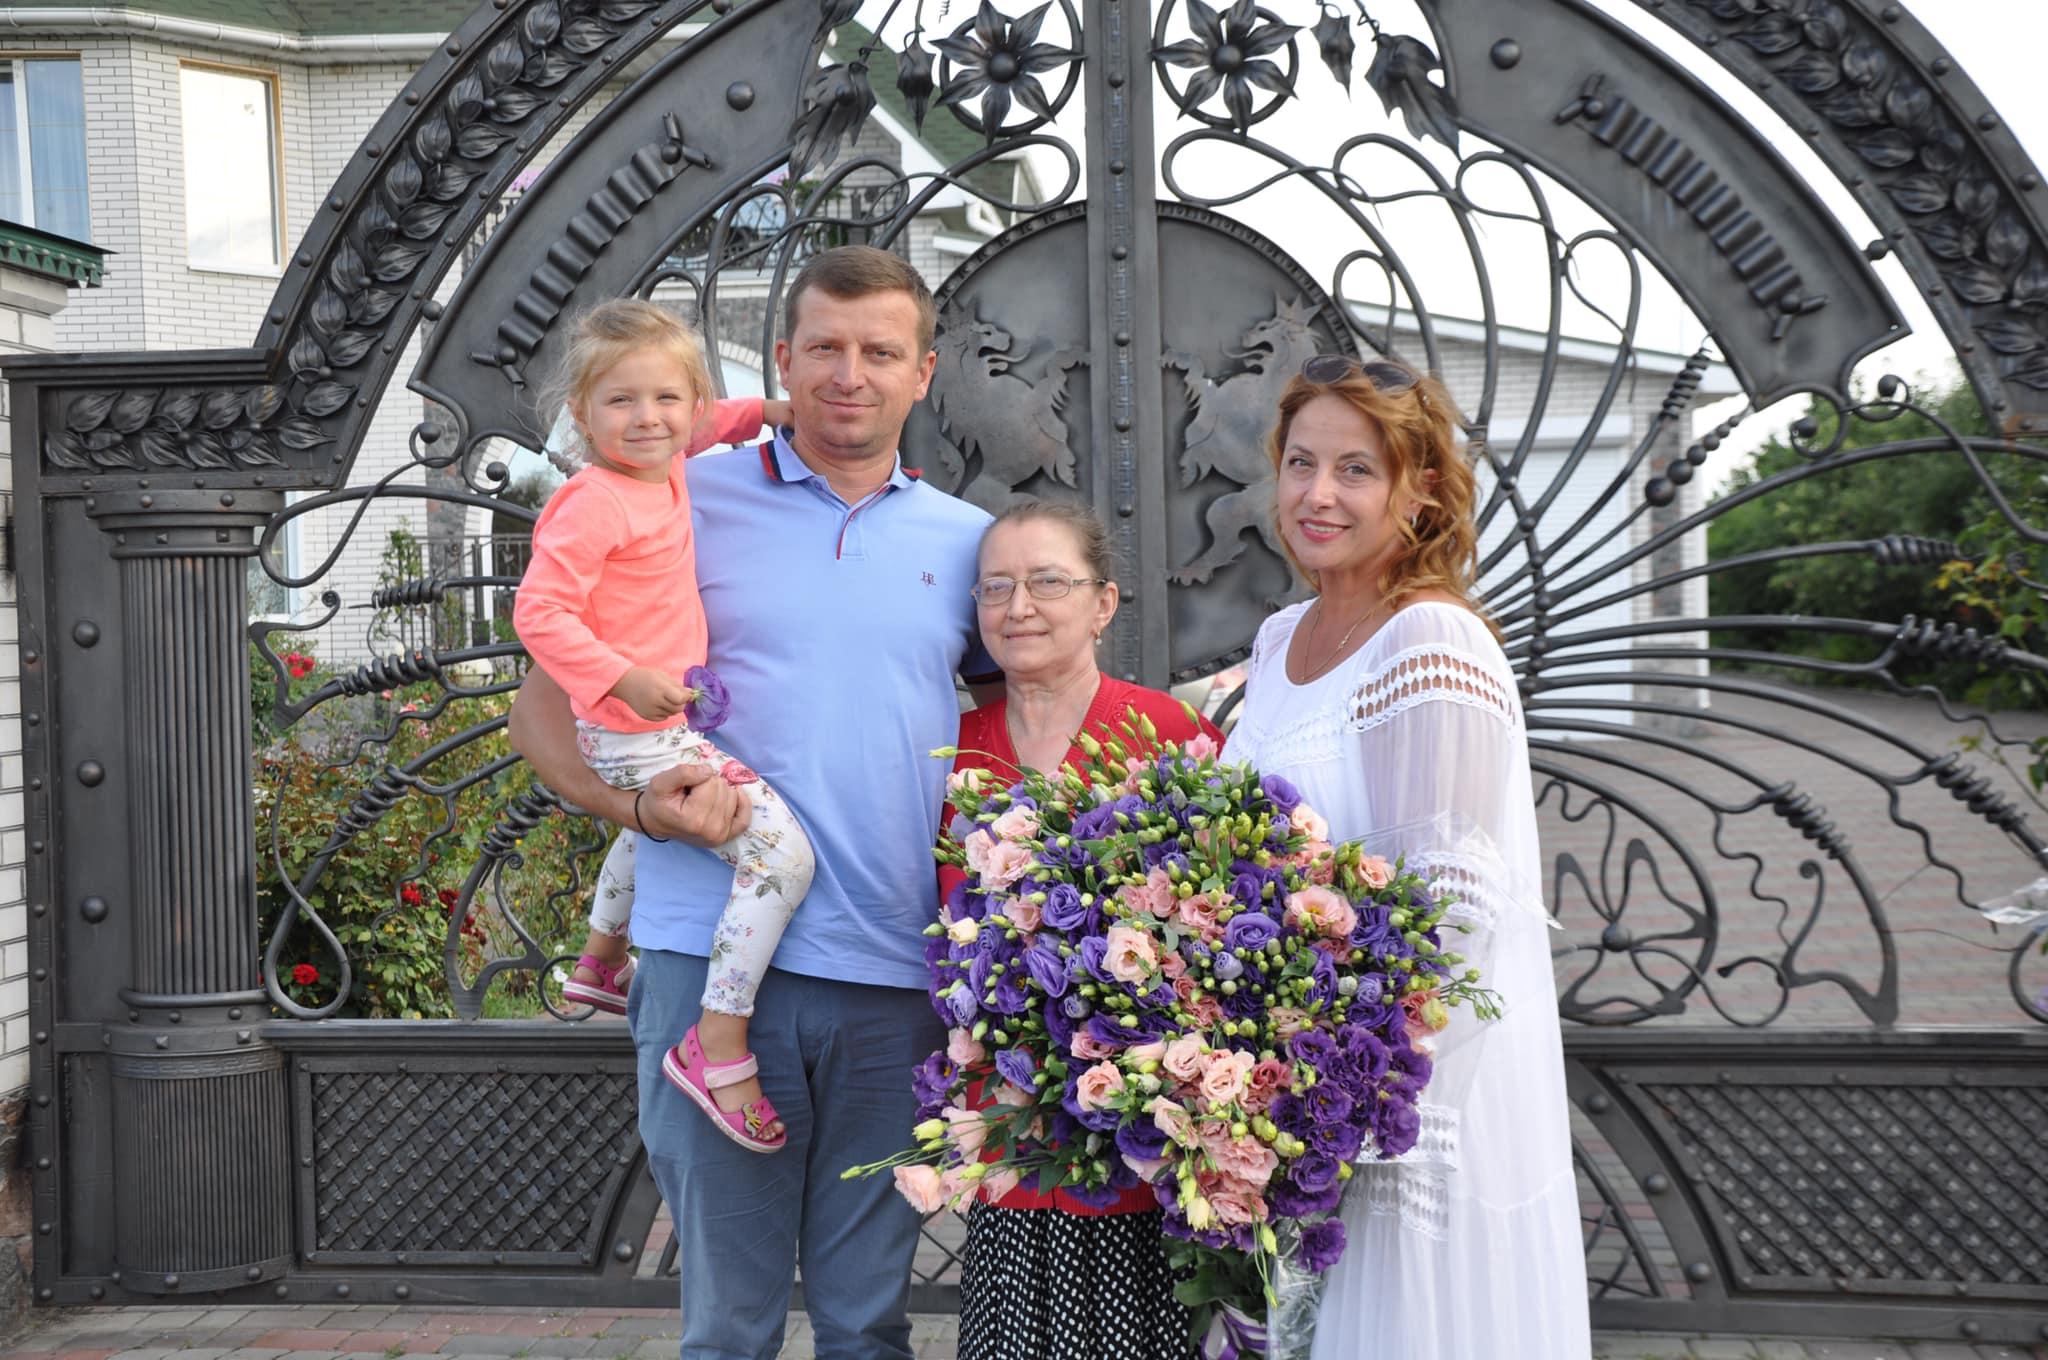 Валентина Плічко: «Будьте все життя вкупі, в одній жменьці, як віничок, зв'язані. Інакше – пропадете!»